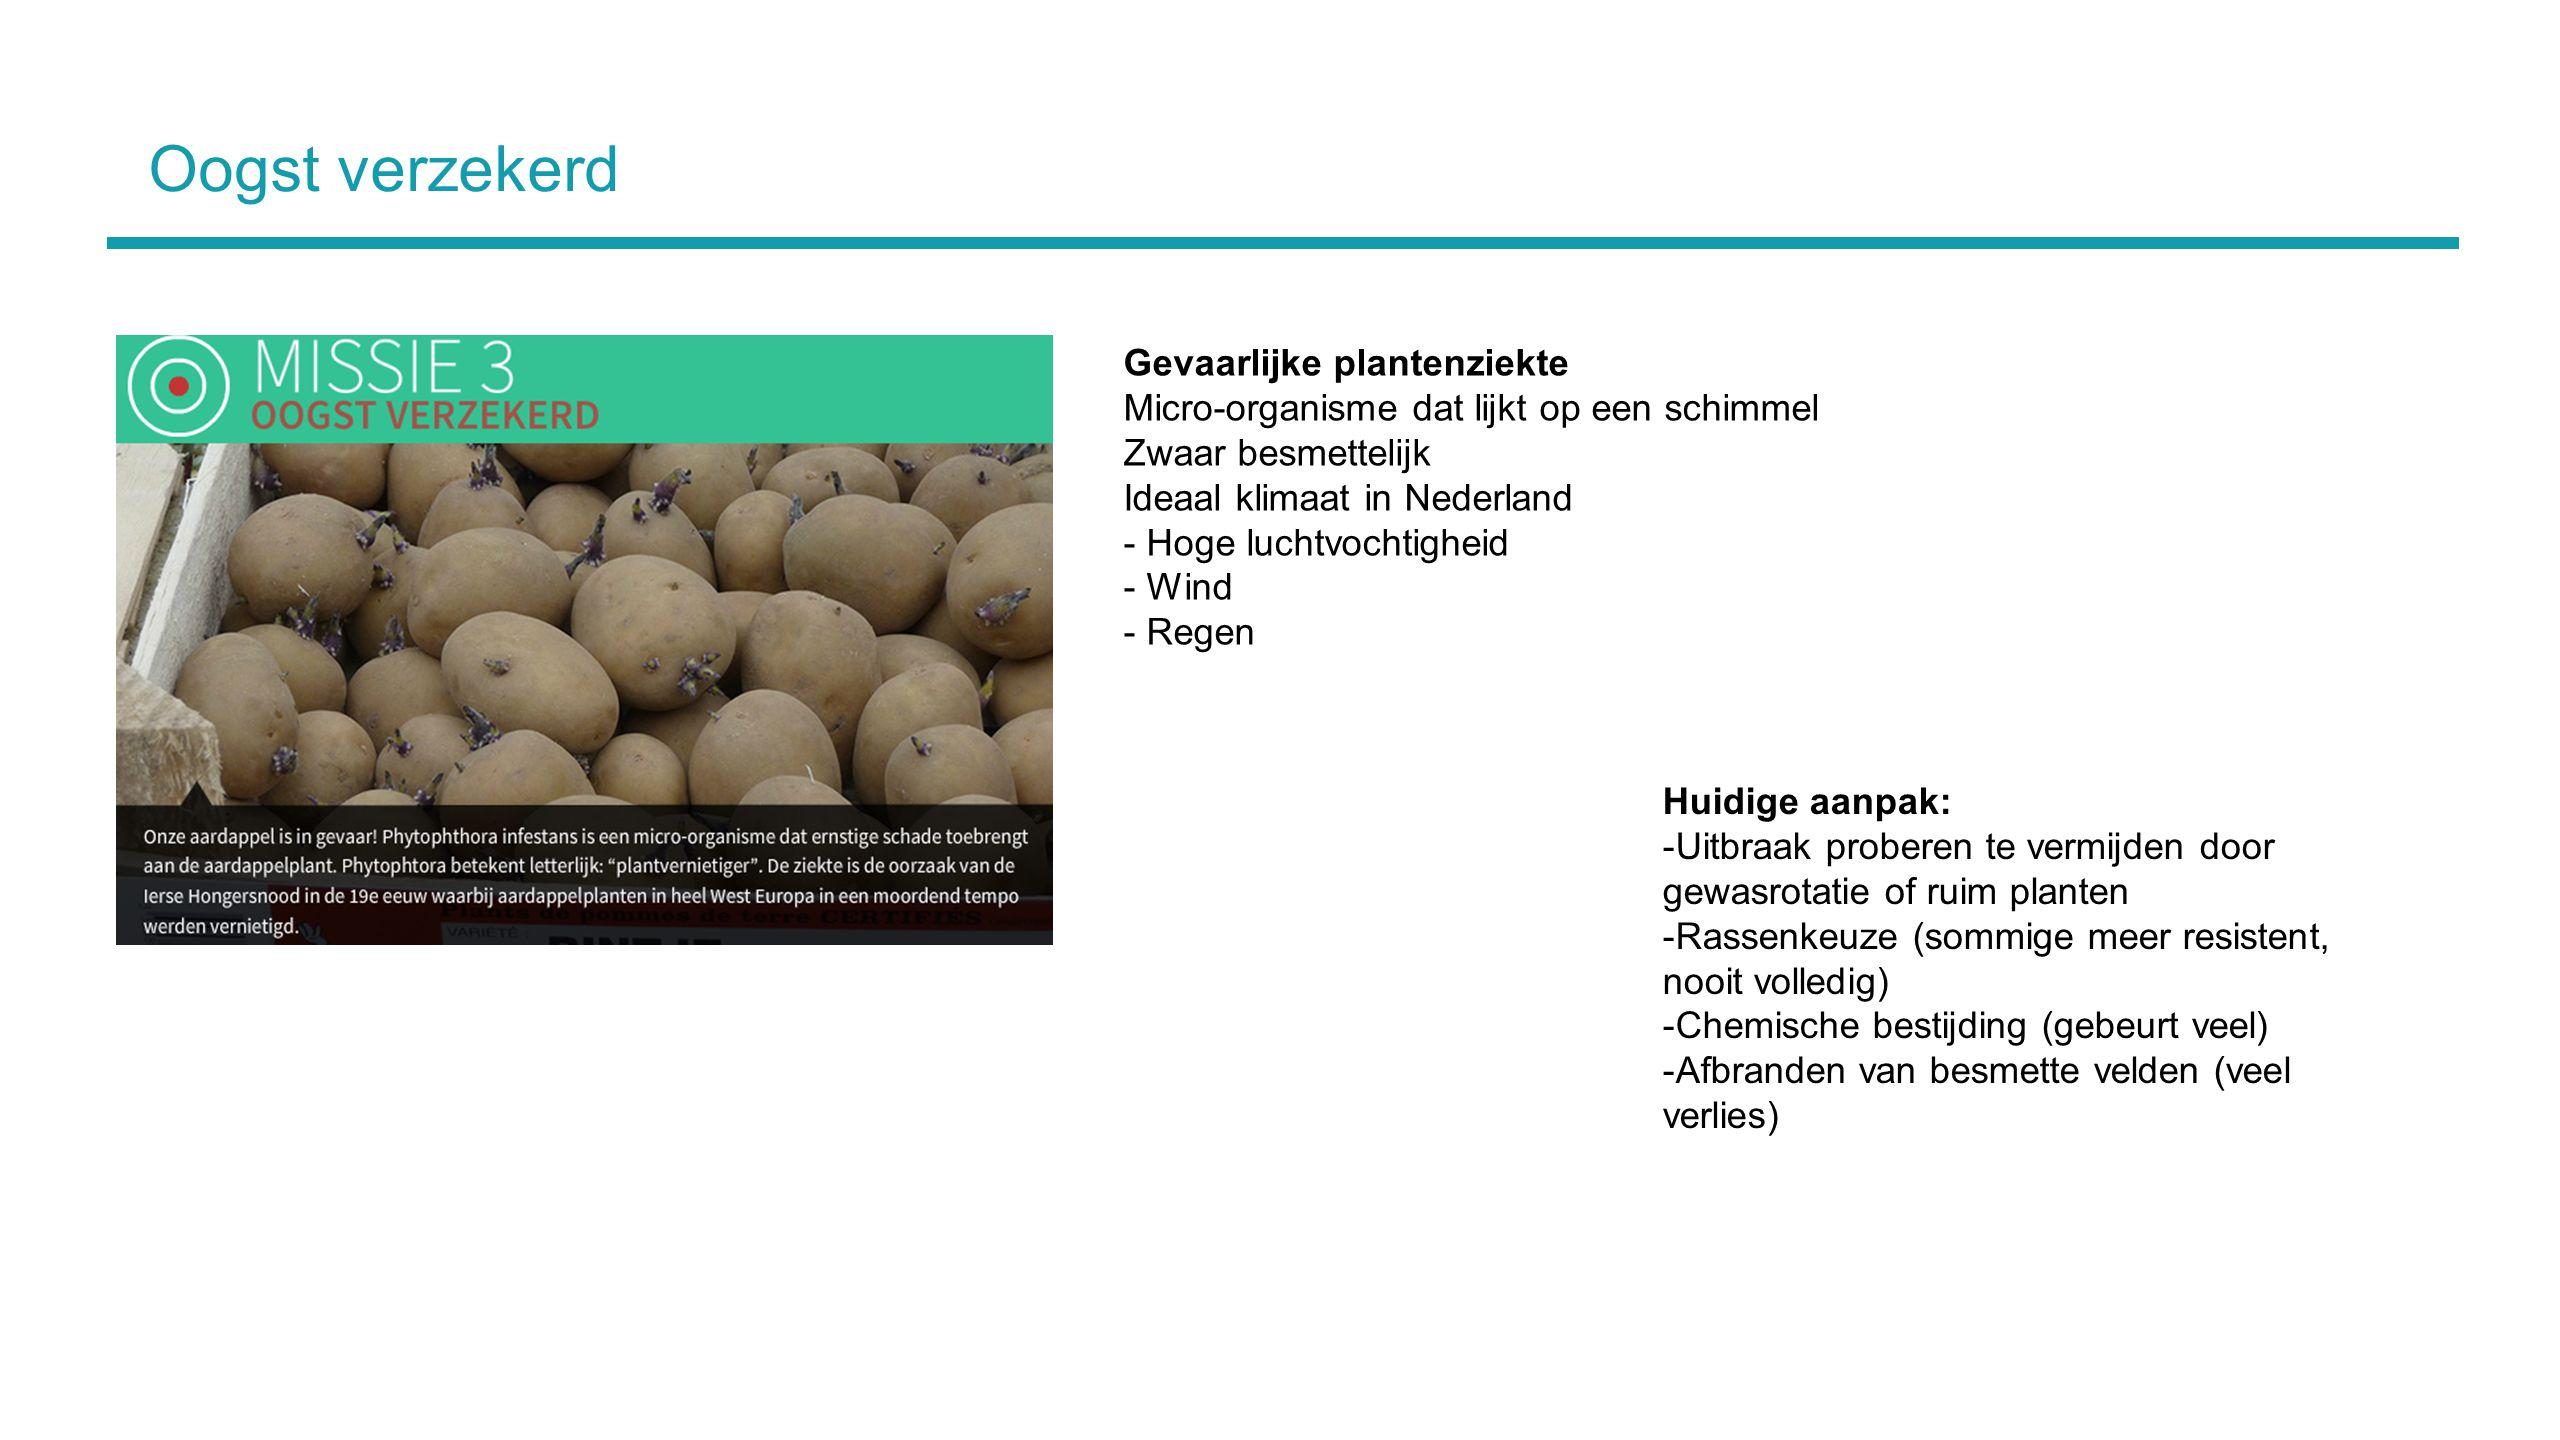 Oogst verzekerd Huidige aanpak: -Uitbraak proberen te vermijden door gewasrotatie of ruim planten -Rassenkeuze (sommige meer resistent, nooit volledig) -Chemische bestijding (gebeurt veel) -Afbranden van besmette velden (veel verlies) Gevaarlijke plantenziekte Micro-organisme dat lijkt op een schimmel Zwaar besmettelijk Ideaal klimaat in Nederland - Hoge luchtvochtigheid - Wind - Regen